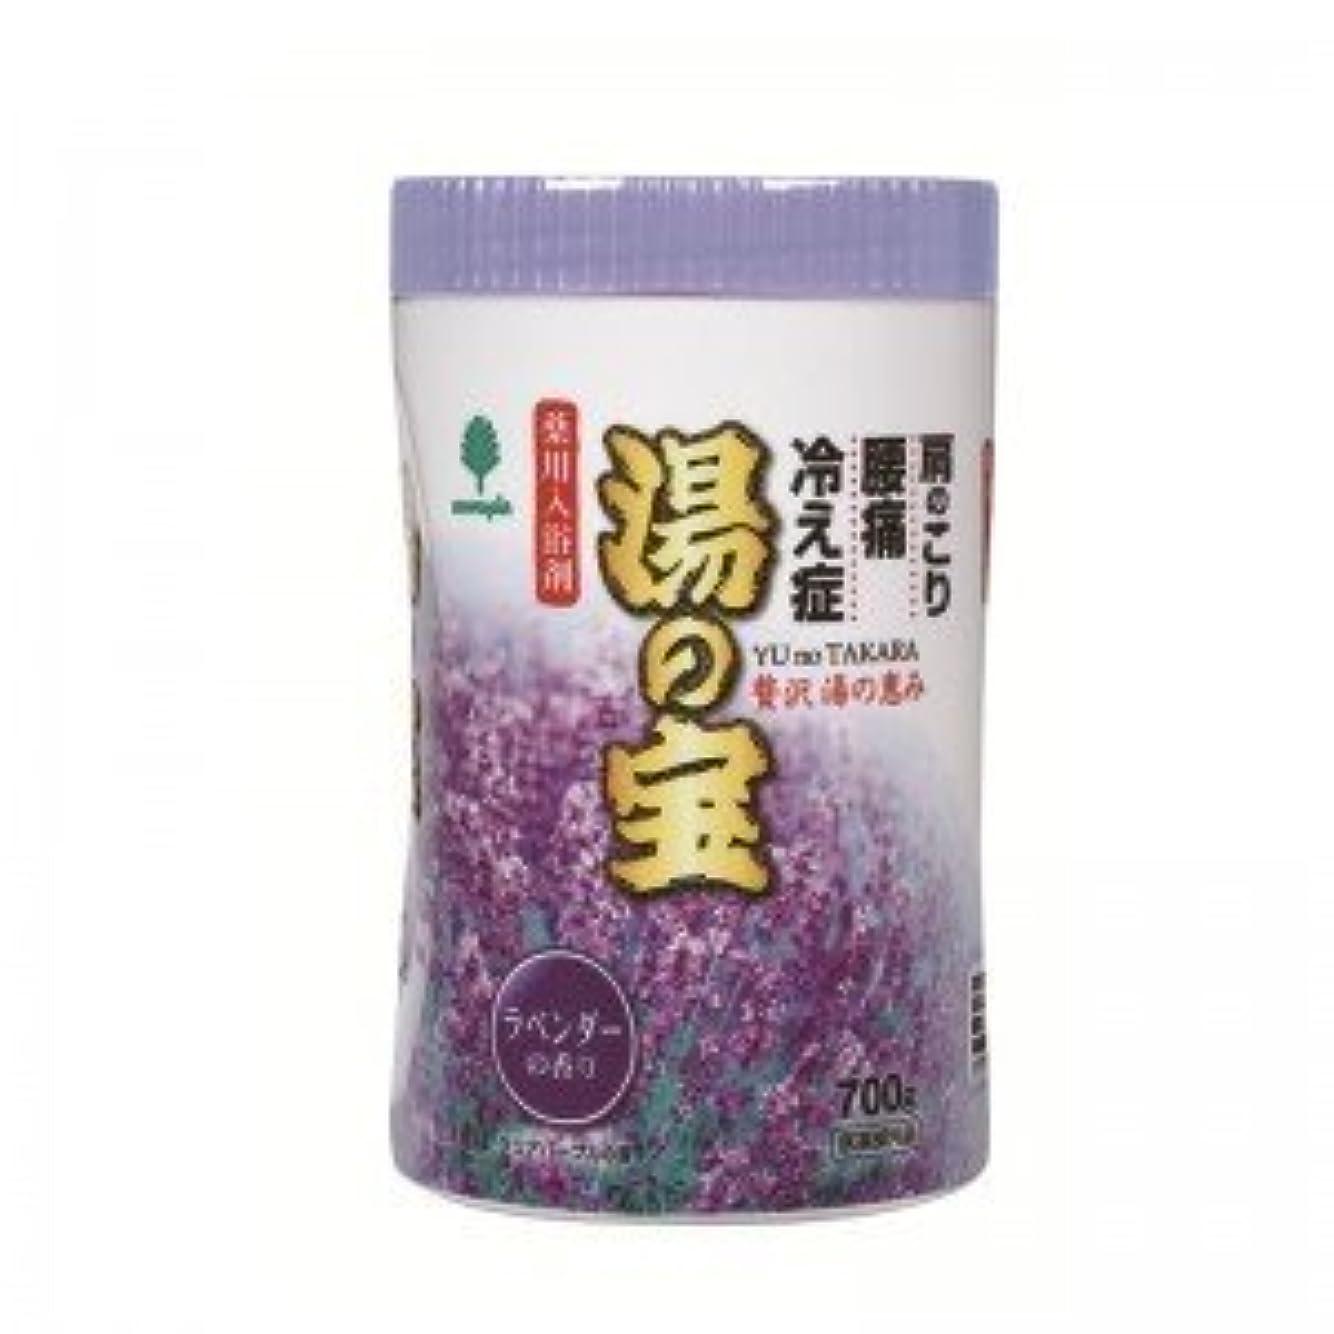 勇気のある米ドル海洋紀陽除虫菊 湯の宝 ラベンダーの香り (丸ボトル) 700g【まとめ買い15個セット】 N-0068